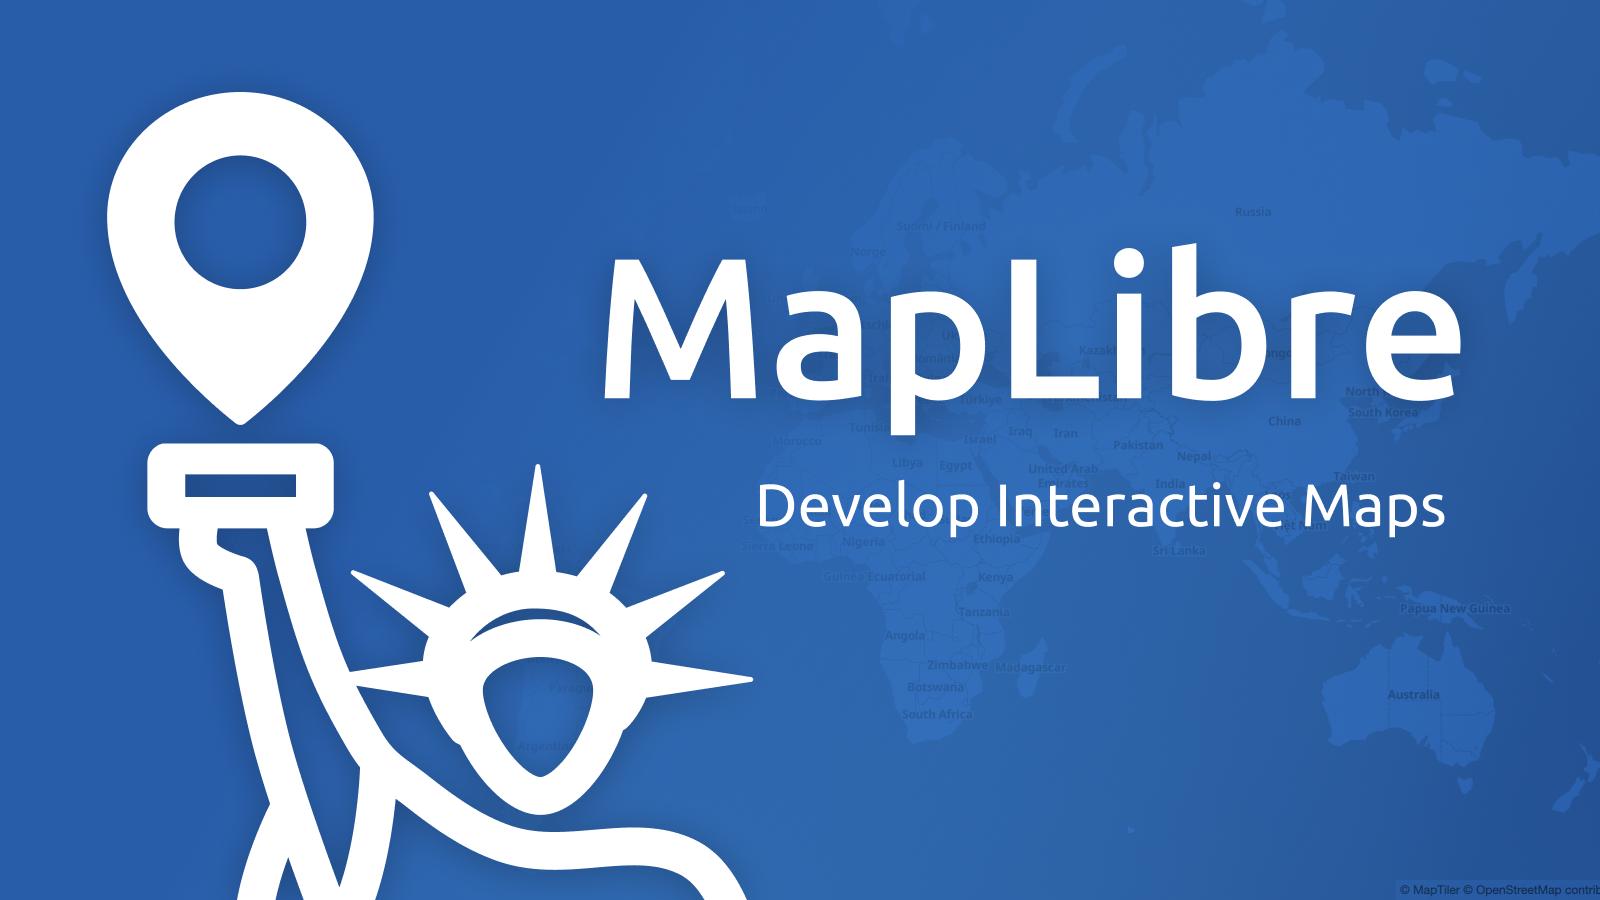 maplibre-launches作为正式开放源代码到mapbox-gl-js的正式发布MapLibre作为Mapbox GL JS的官方开源继承者启动